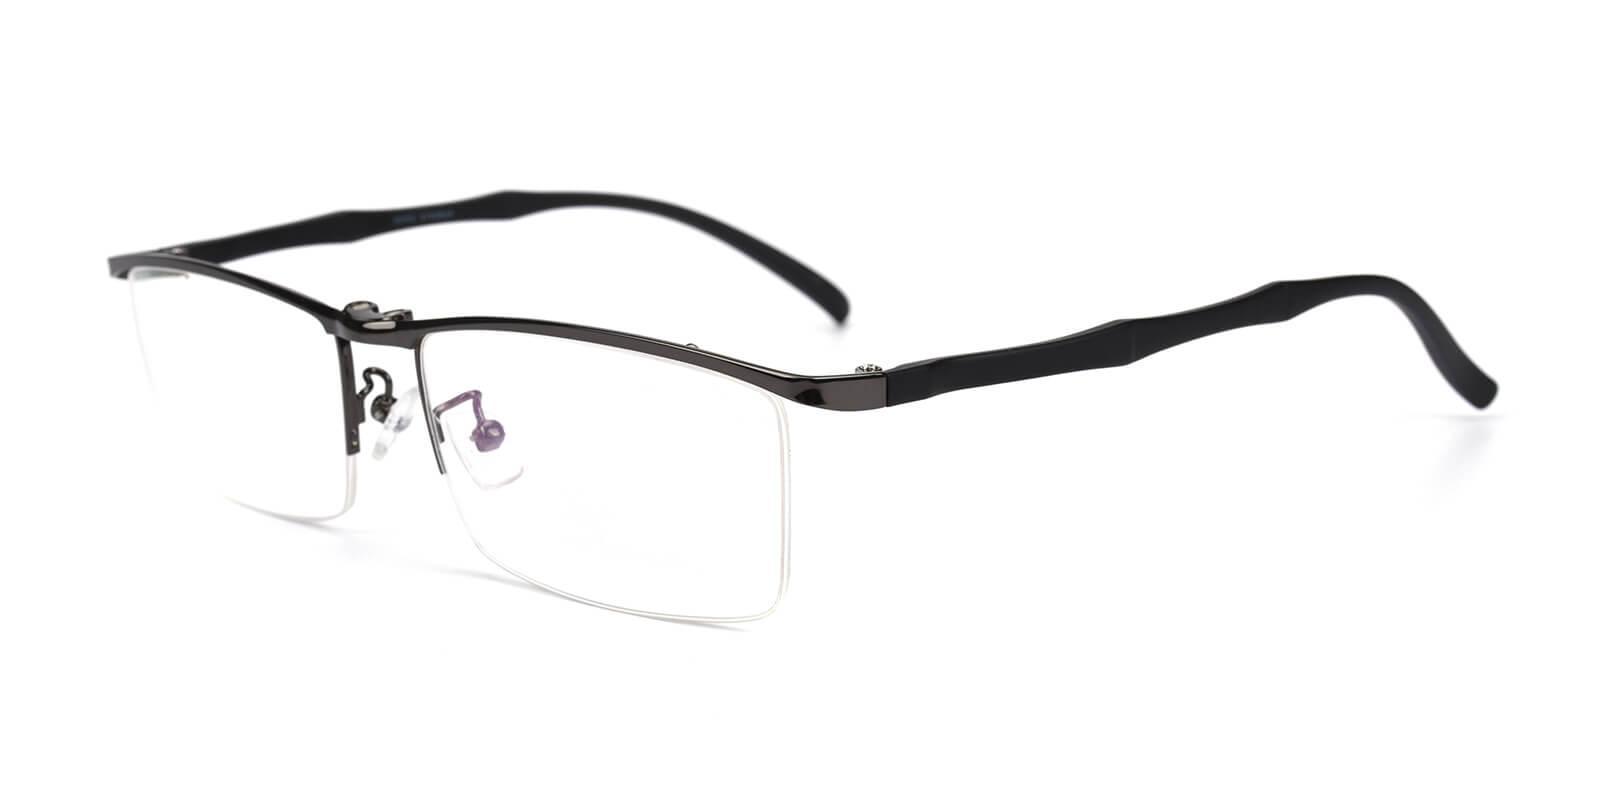 Mofely-Gun-Rectangle-Metal-Eyeglasses-detail